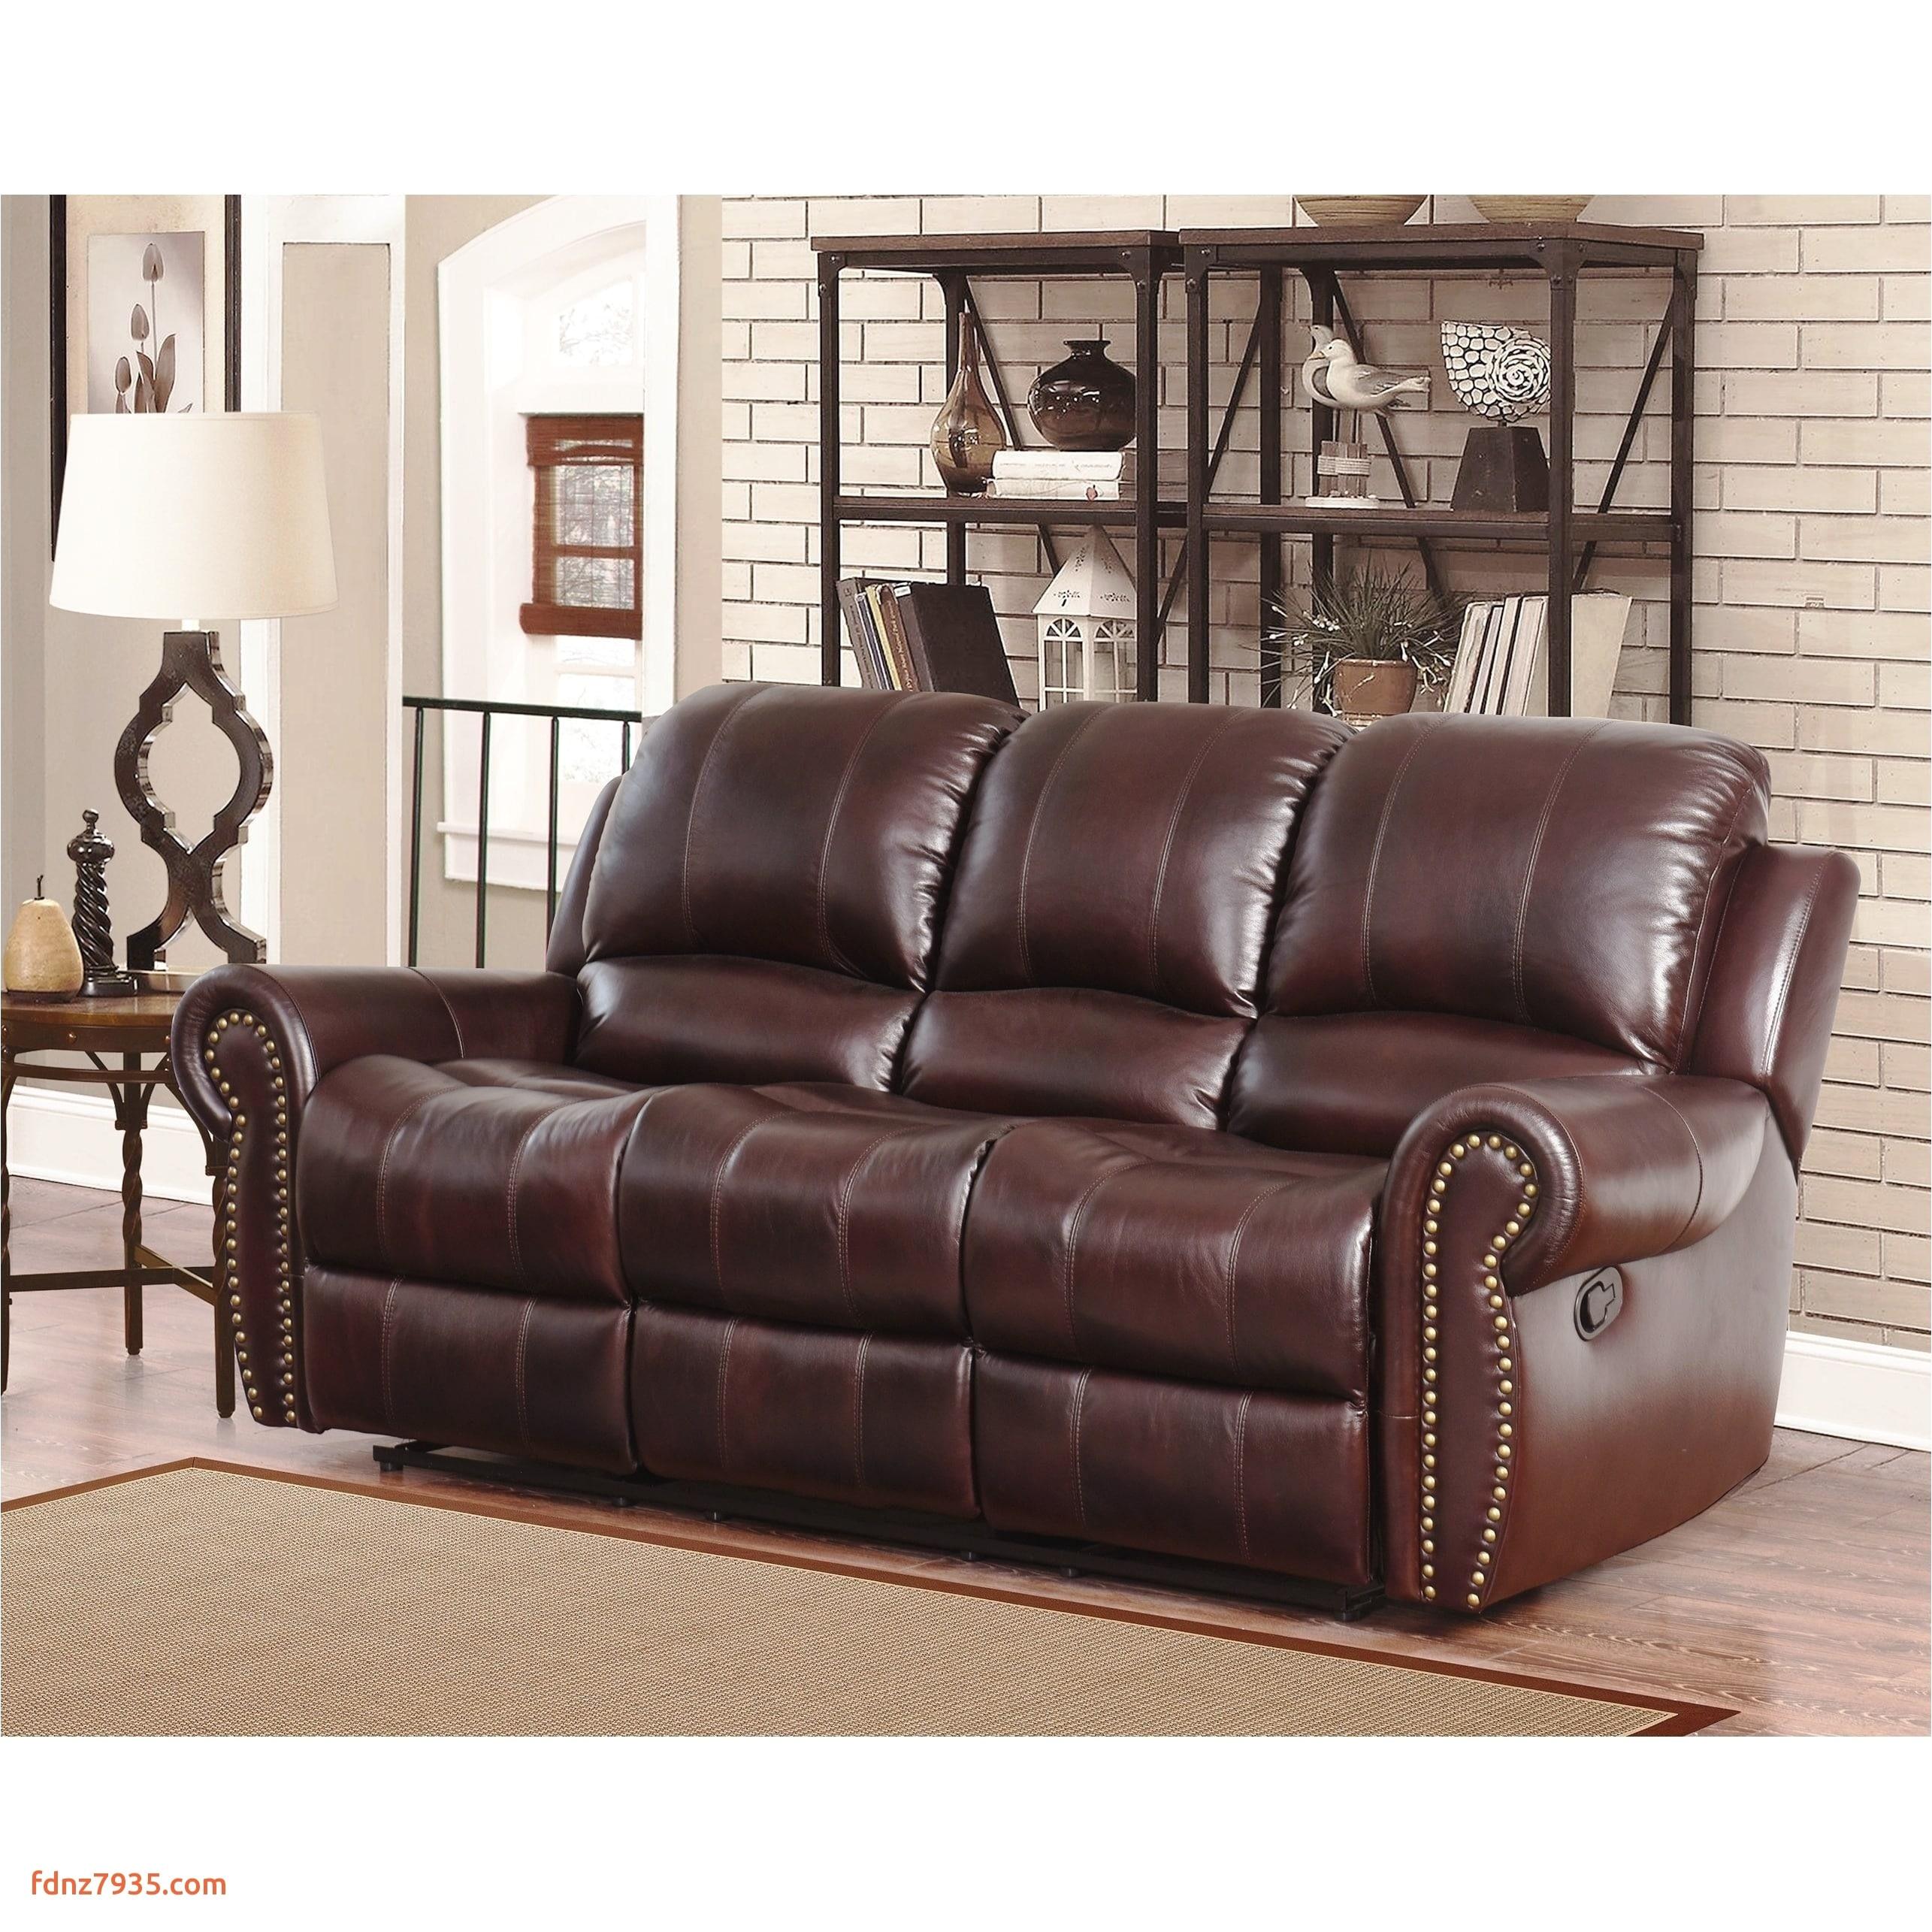 das erstaunlich luxus und auch scha¶n zwei sitz sofa dein haus